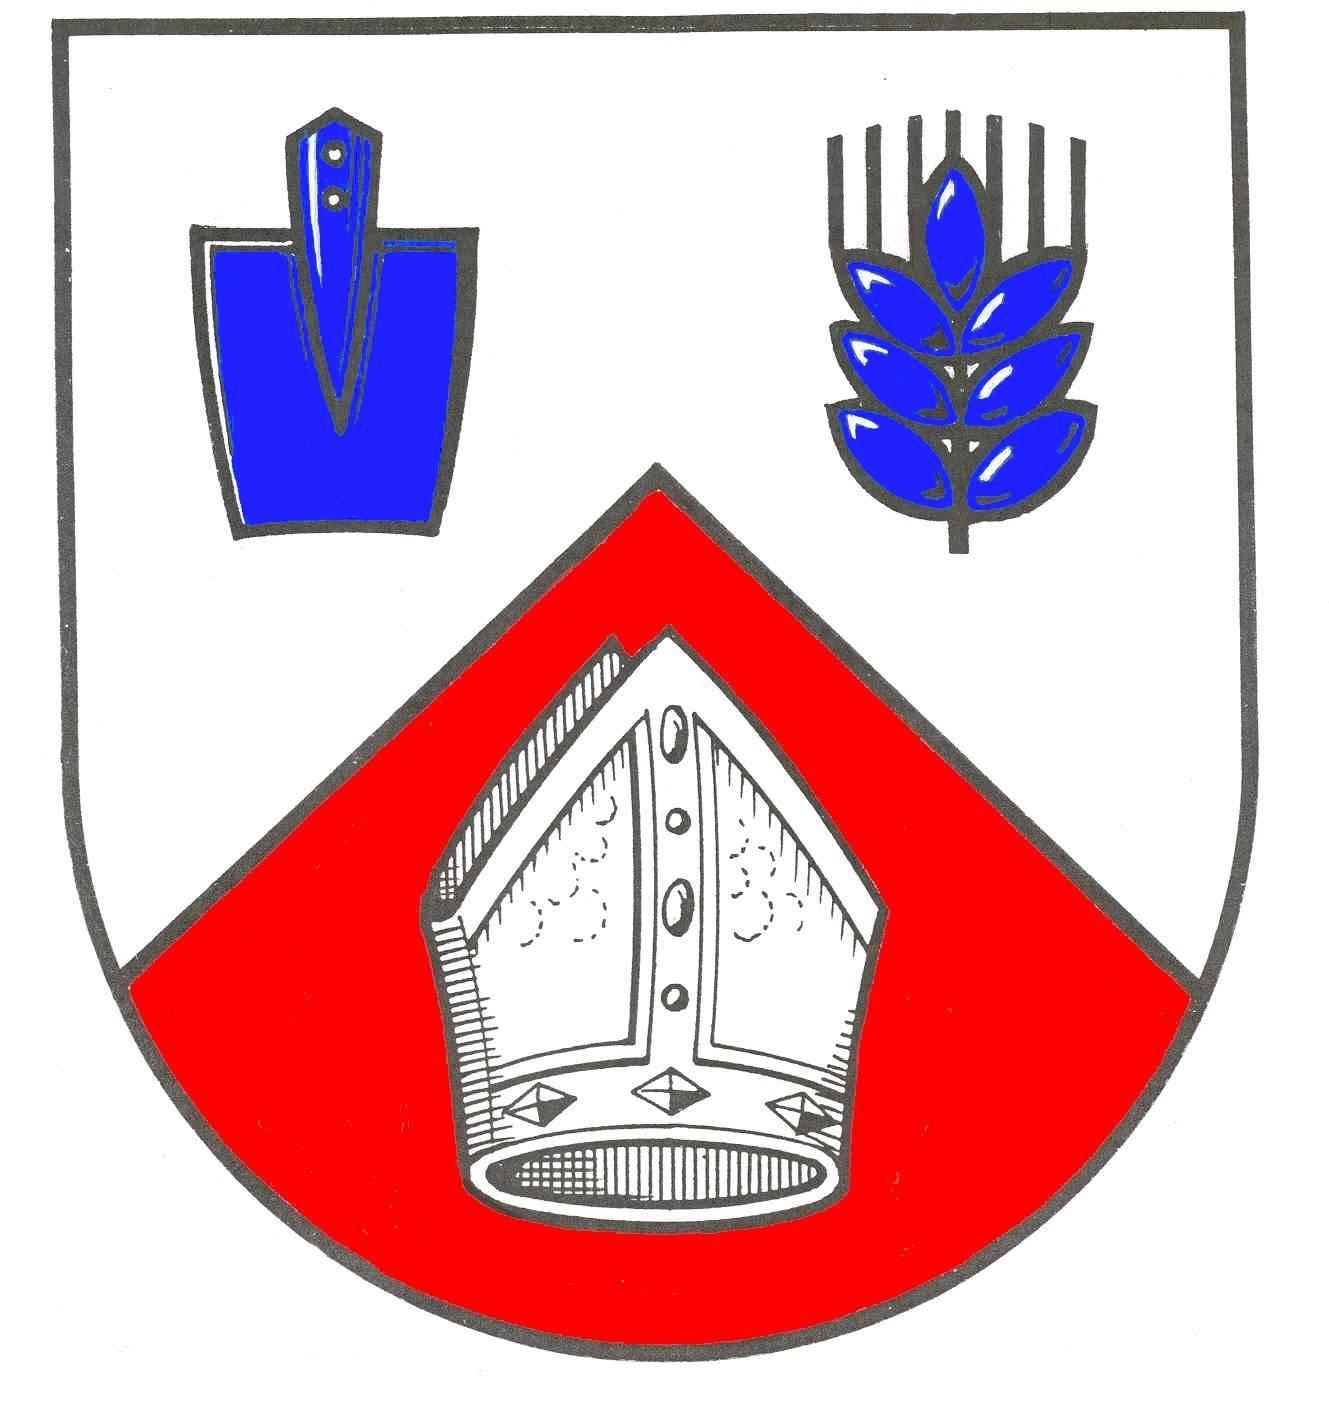 Wappen GemeindeBönebüttel, Kreis Plön